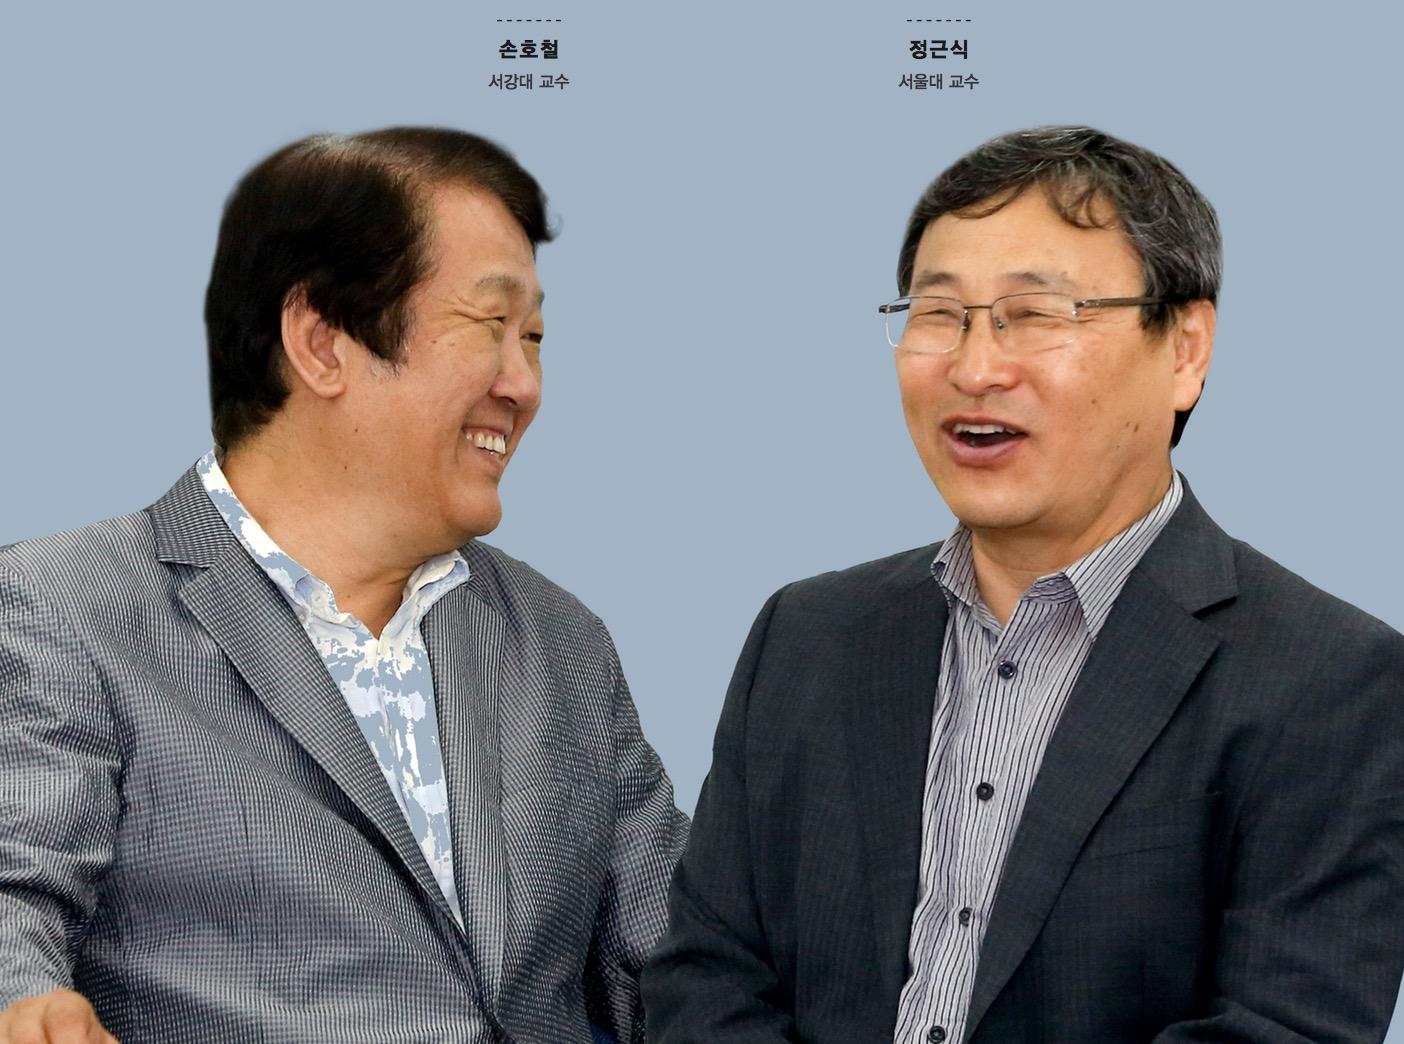 [Talk] 6월항쟁 30년의 한국 민주주의 Ⅲ - 6월항쟁의 역사적 좌표와 촛불